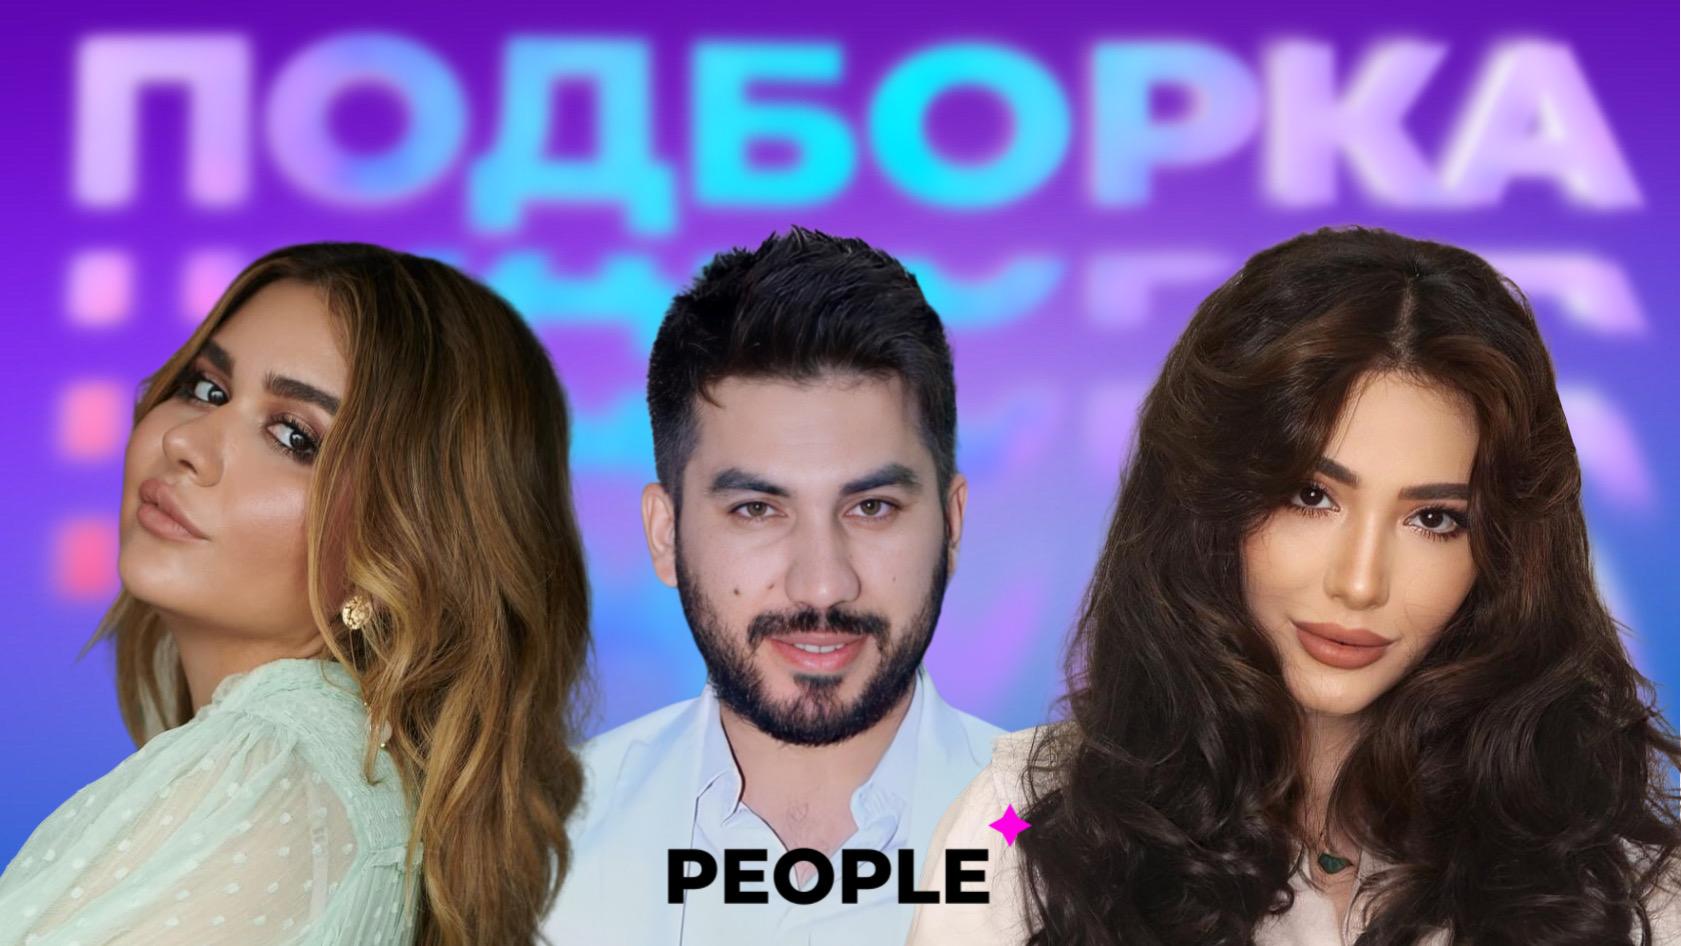 Назад в 2010-е: какими были первые публикации узбекских звезд в Instagram